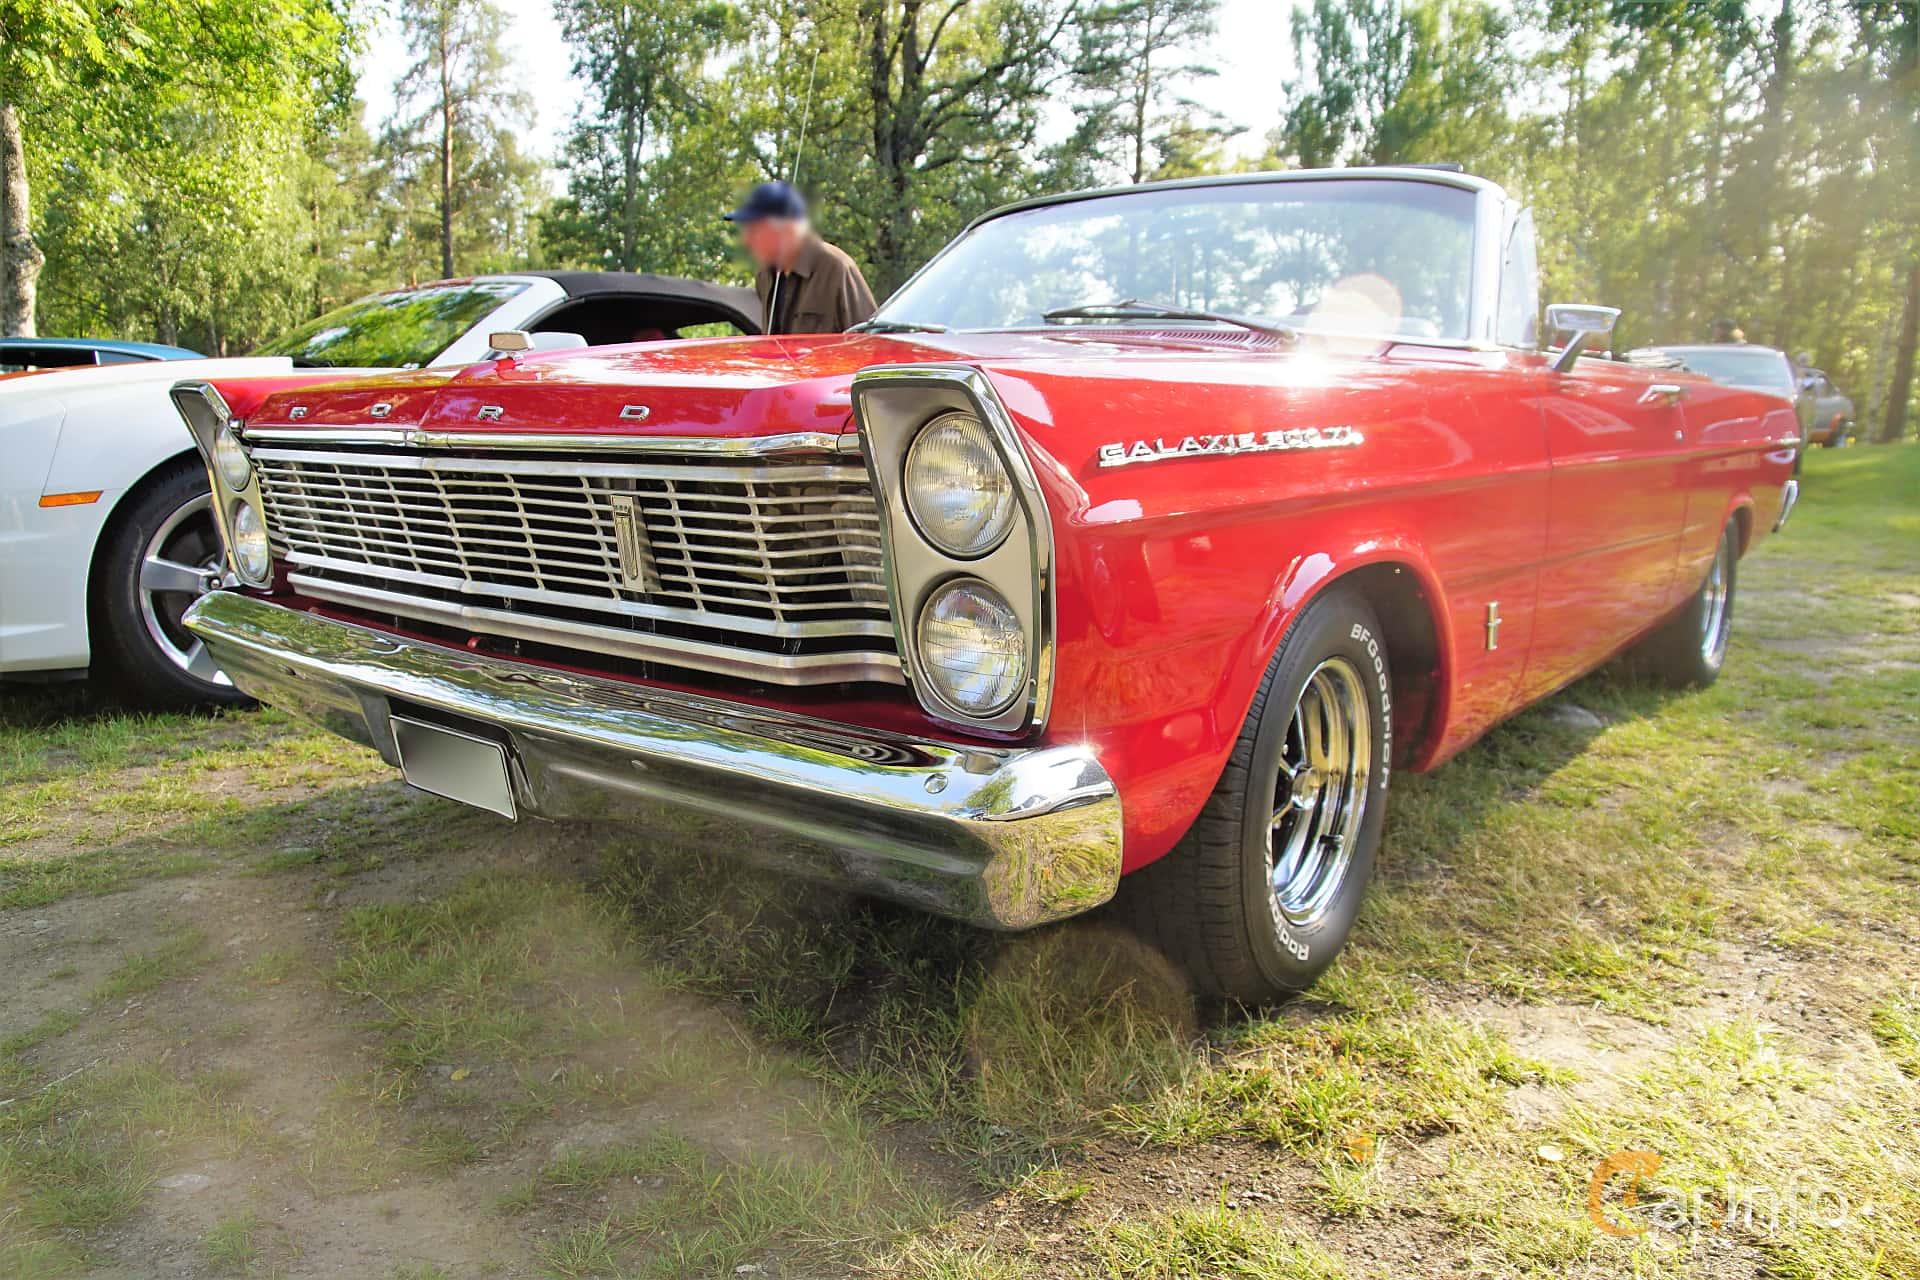 Front/Side  of Ford Galaxie 500/XL Convertible 6.4 V8 Automatic, 305ps, 1965 at Onsdagsträffar på Gammlia Umeå 2019 vecka 28